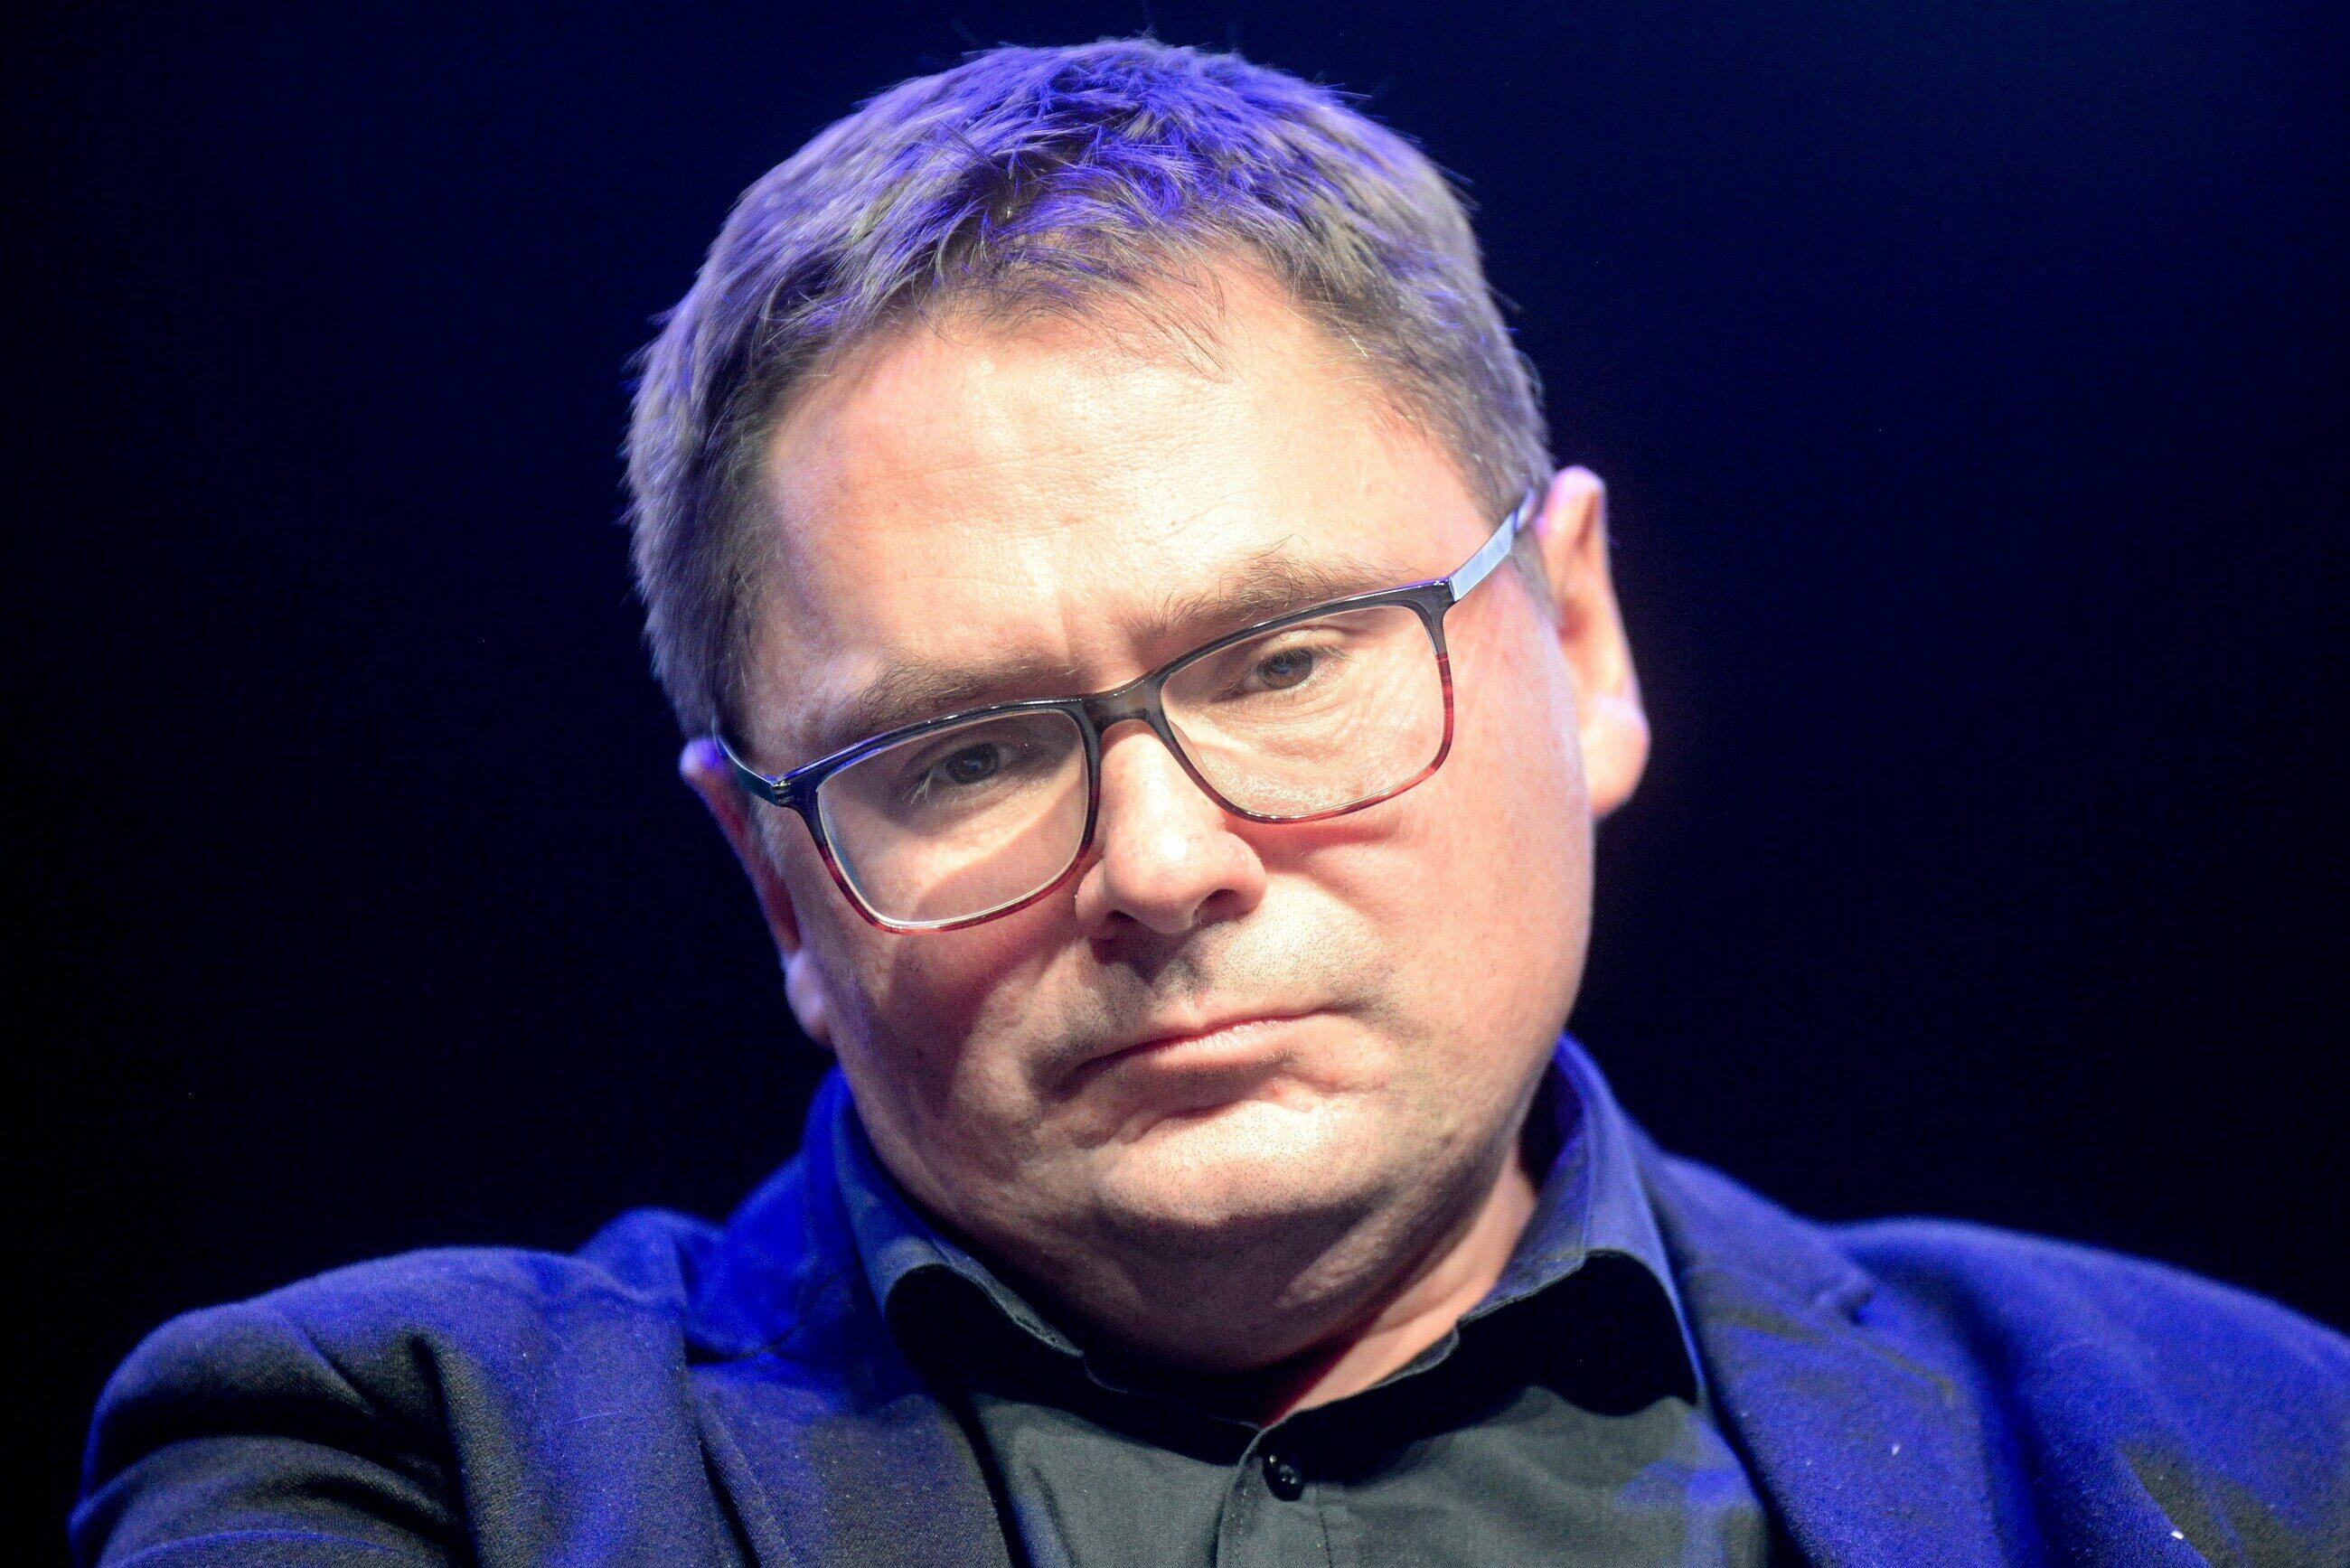 Tomasz Terlikowski